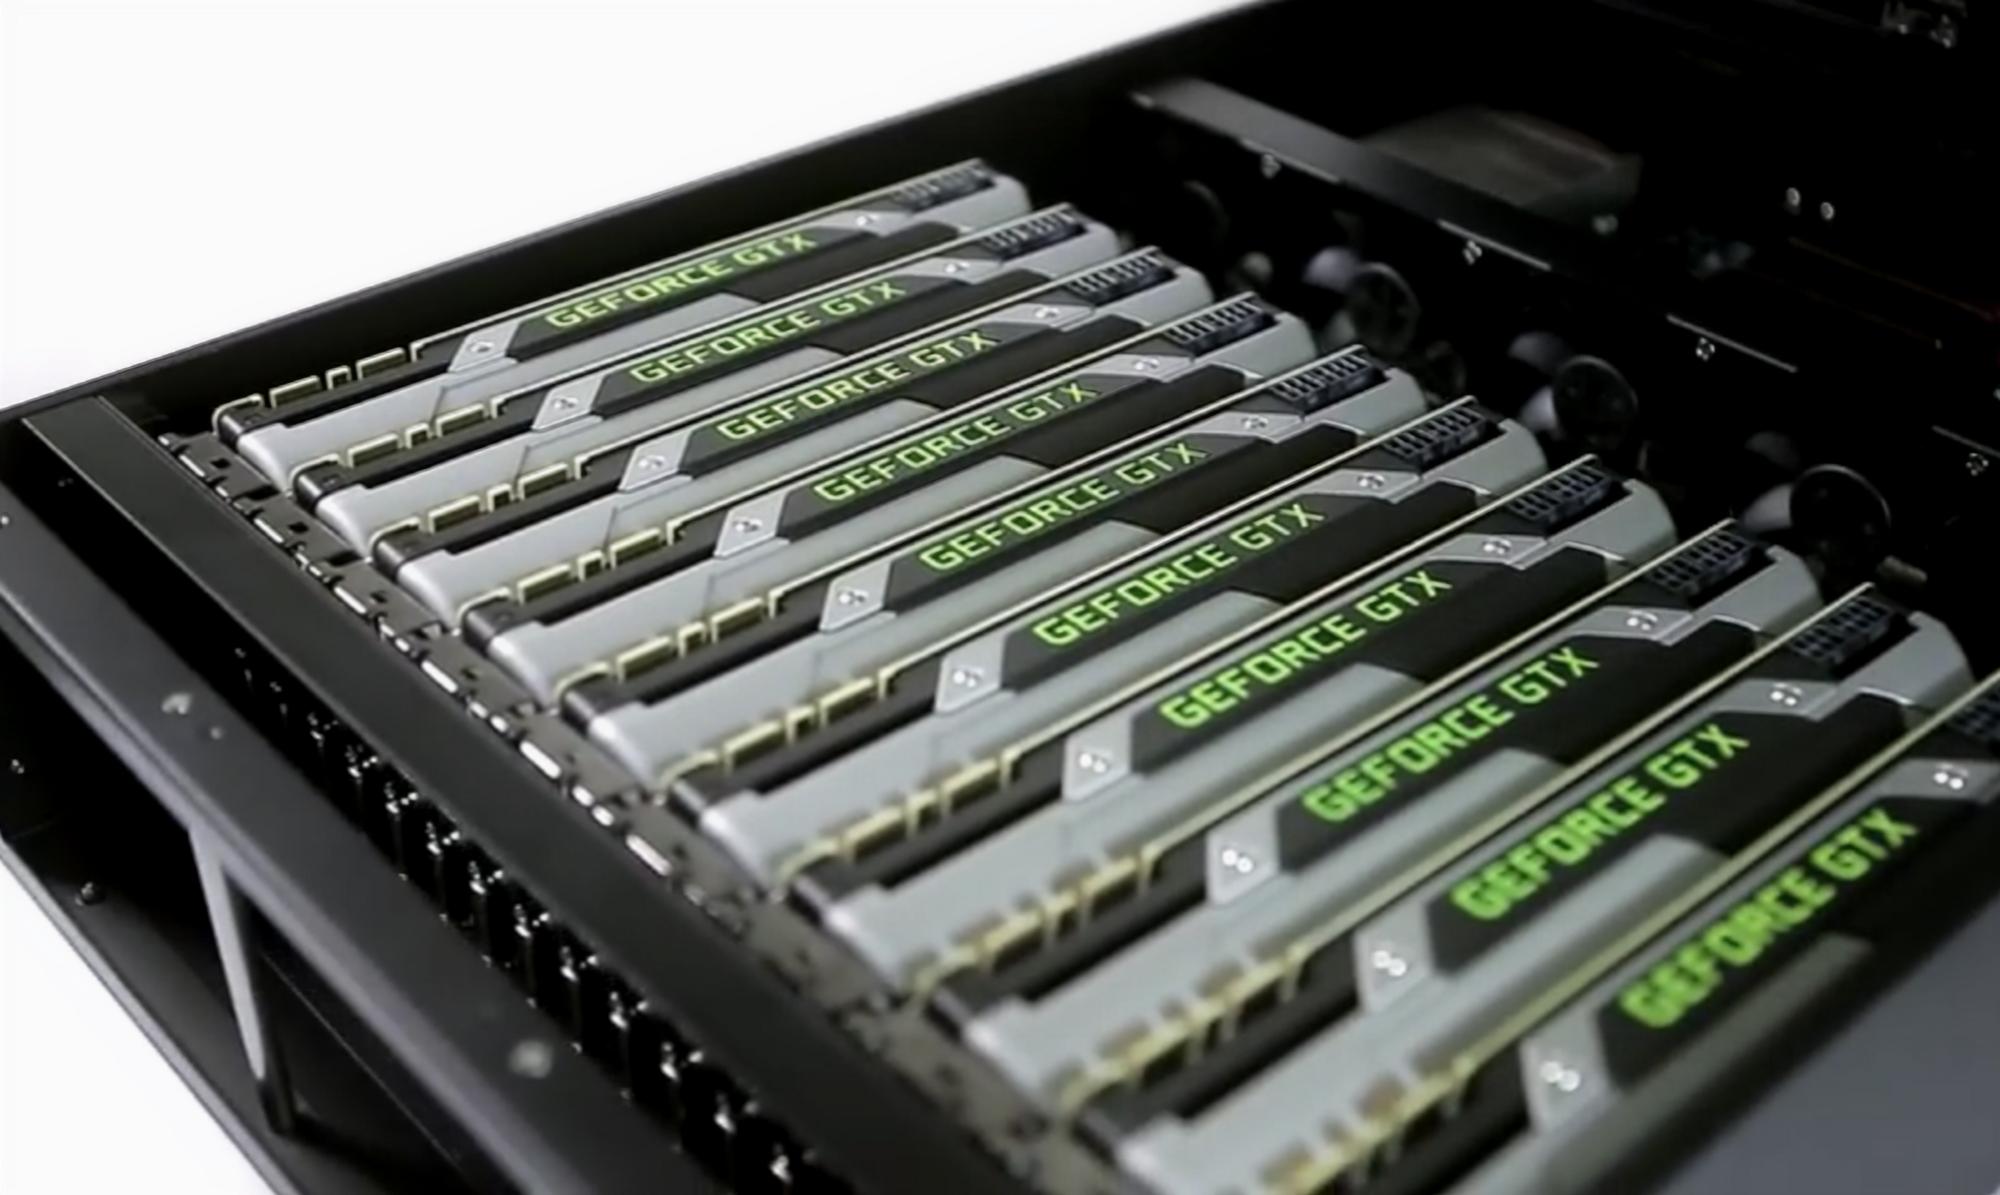 Por la baja demanda, en Julio los precios de GPUs bajarán hasta un 20%